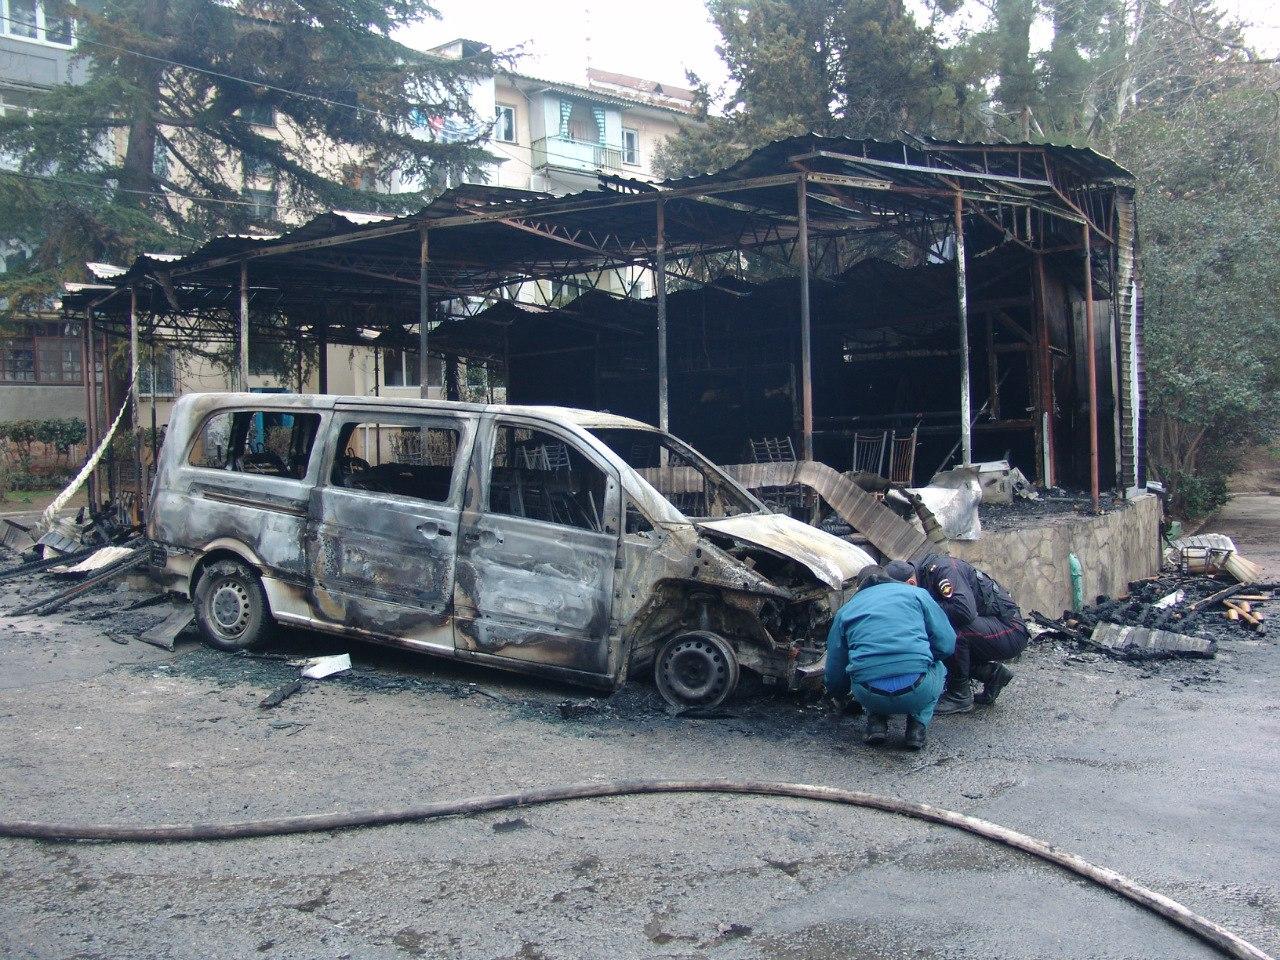 Продолжаются поджоги автомобилей в Крыму